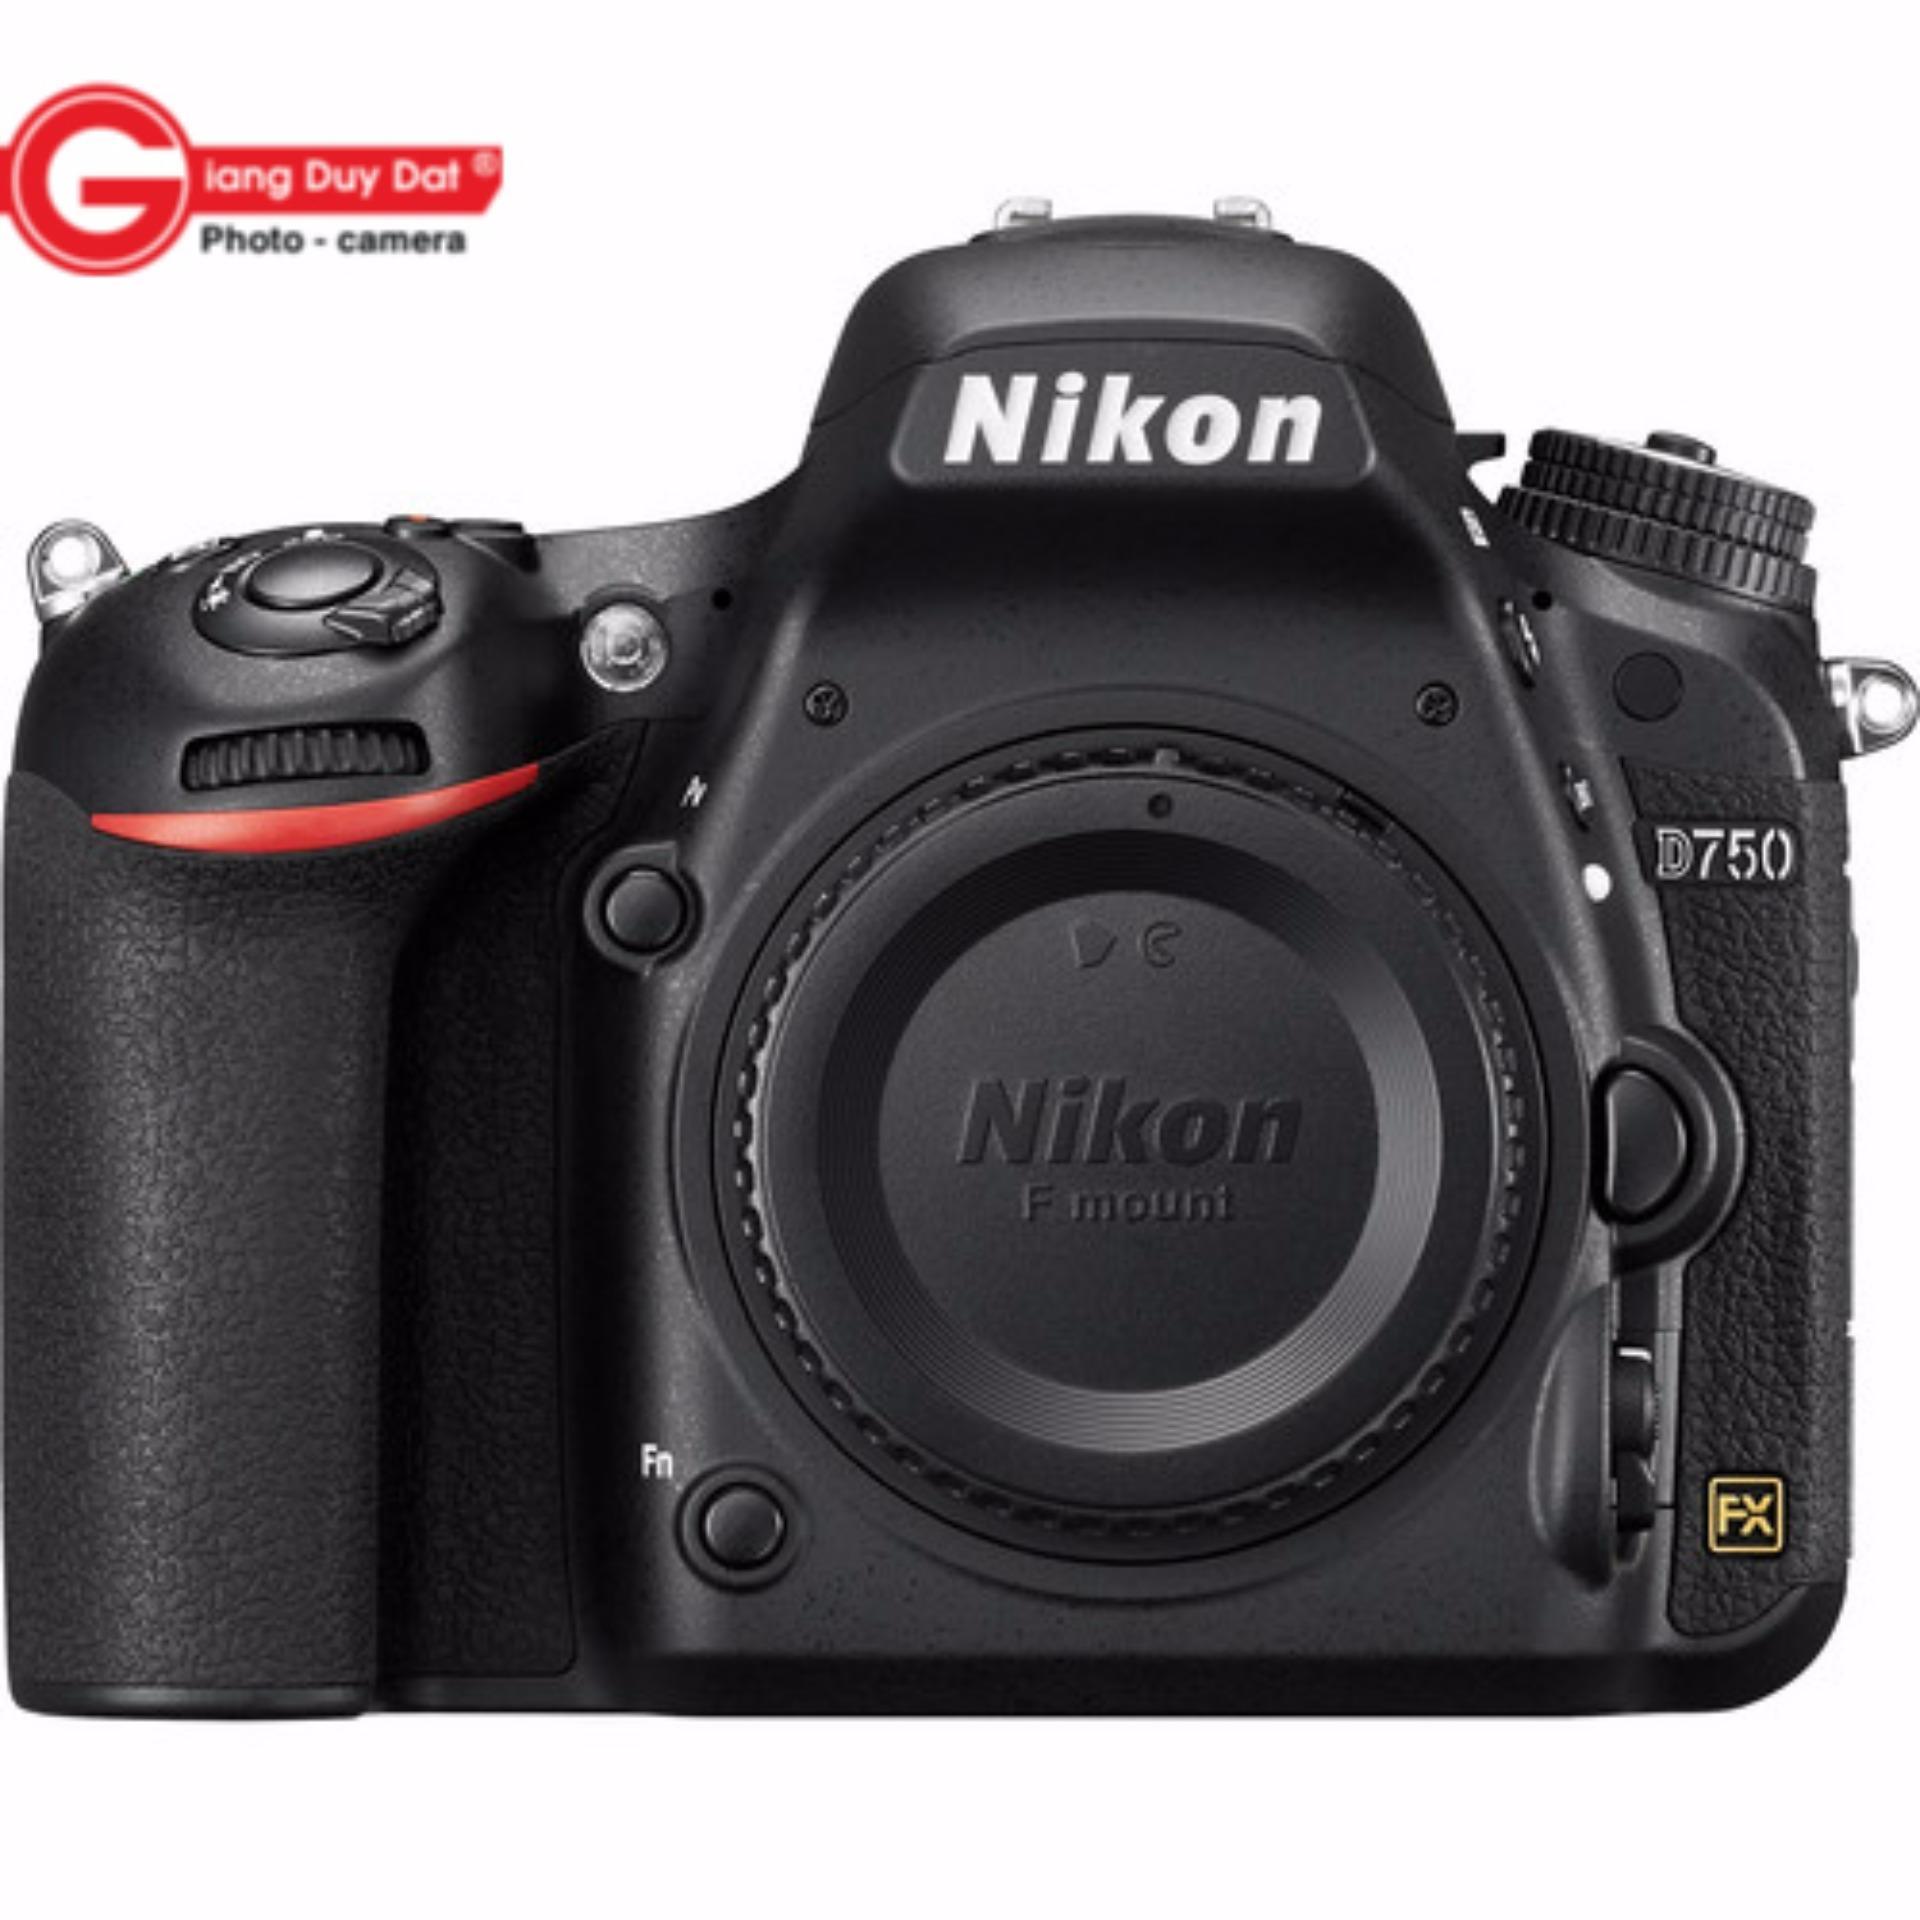 Máy Ảnh Nikon D750 Body – Hãng phân phối chính thức + Tặng Thẻ 16Gb + Túi Nikon + Dán màn hình